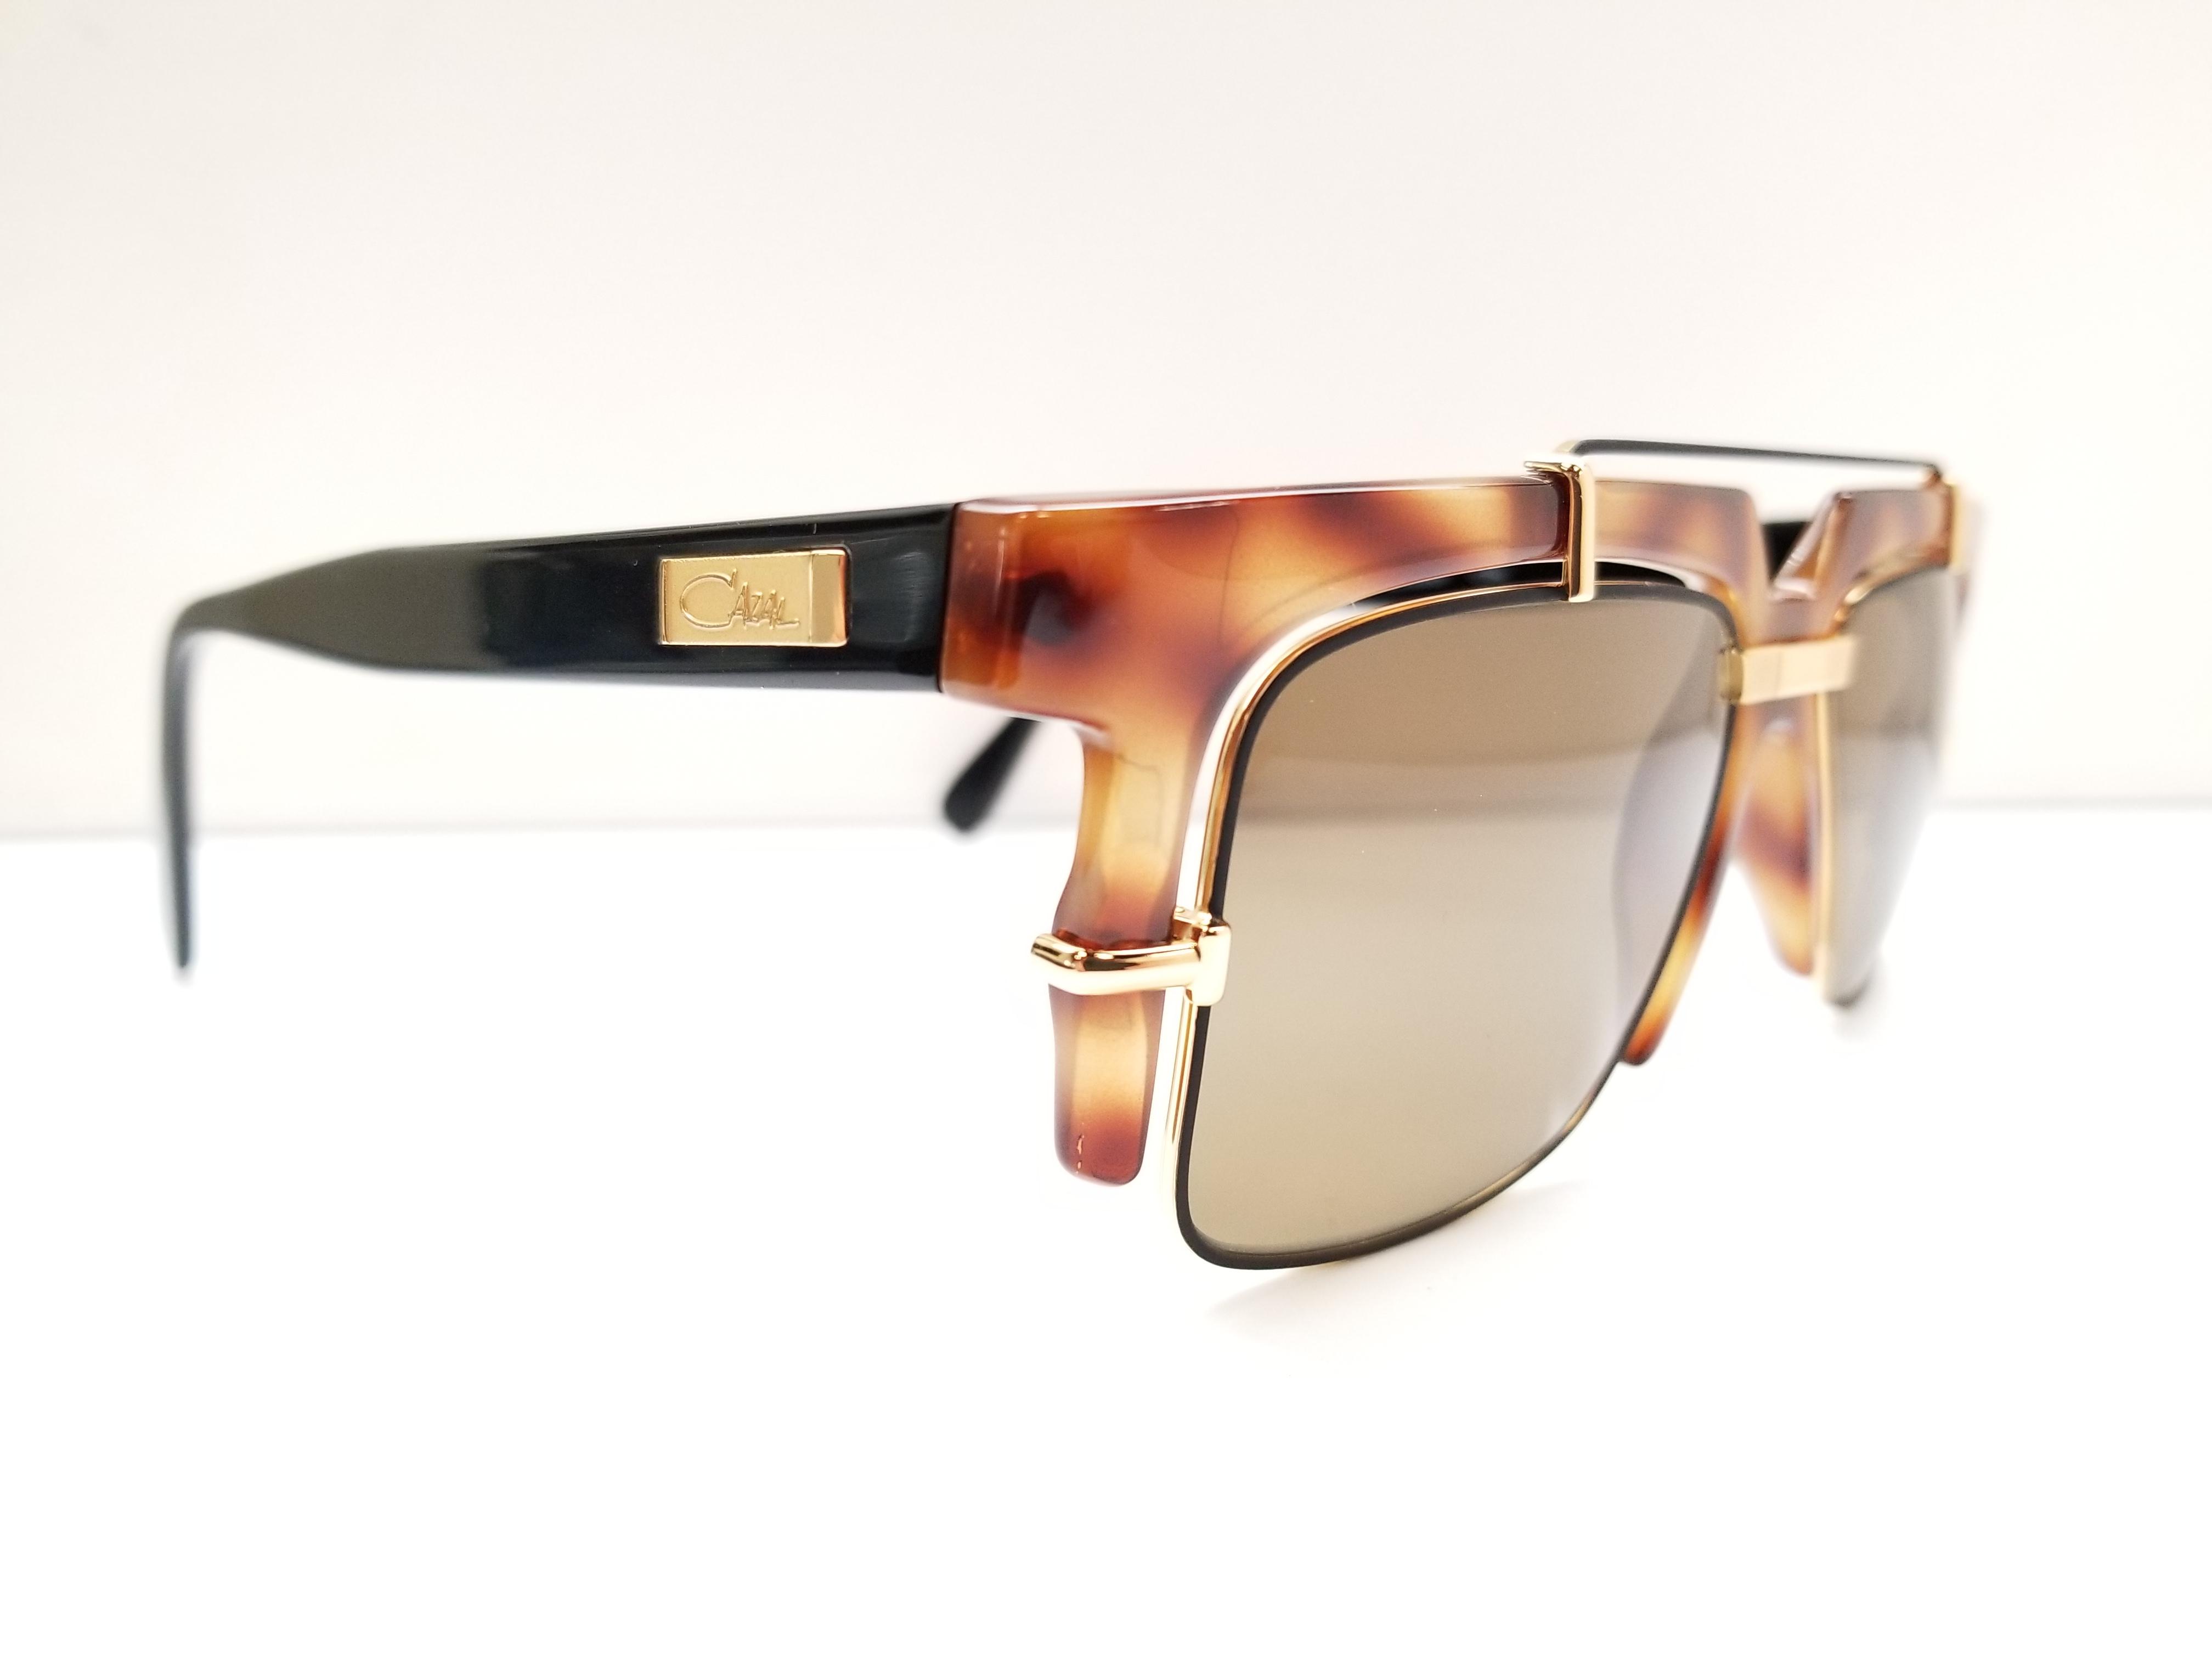 c2467620e400 Cazal Eyeglasses Sunglasses